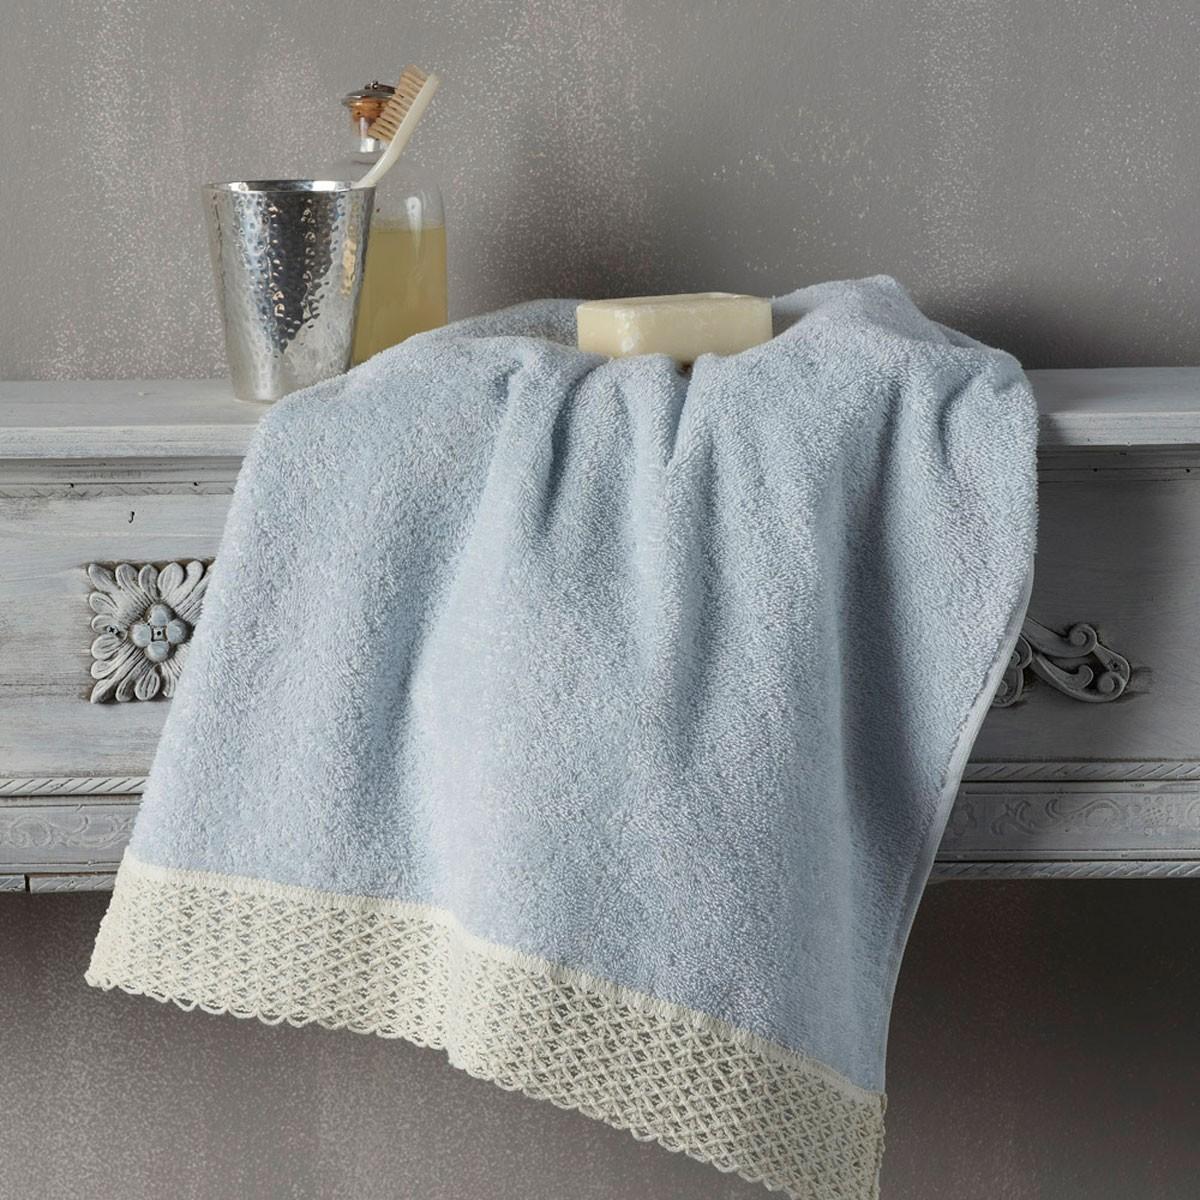 Πετσέτες Προσώπου (Σετ 2τμχ) Kentia Bath Nicole home   μπάνιο   πετσέτες μπάνιου